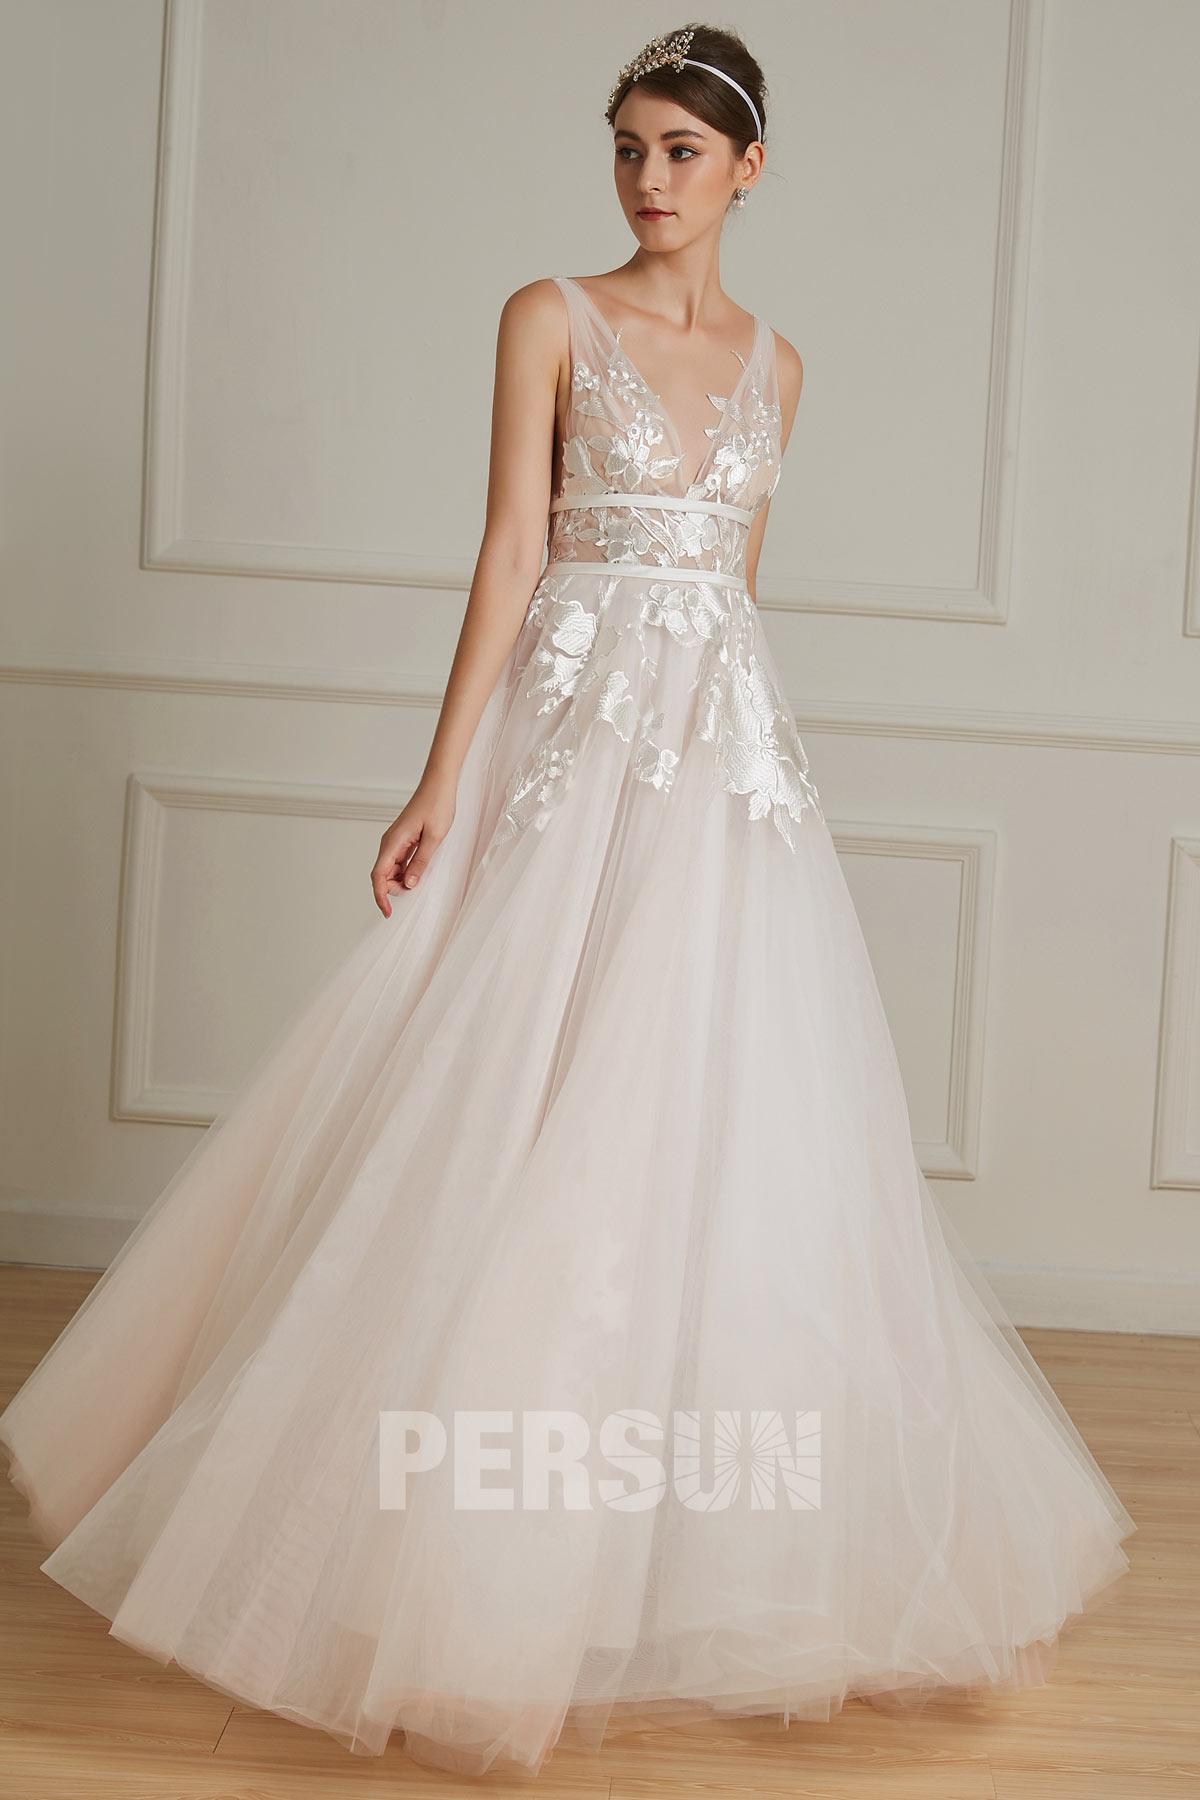 robe de mariée bohème empire rose pâle sexy col v en dentelle appliquée florale